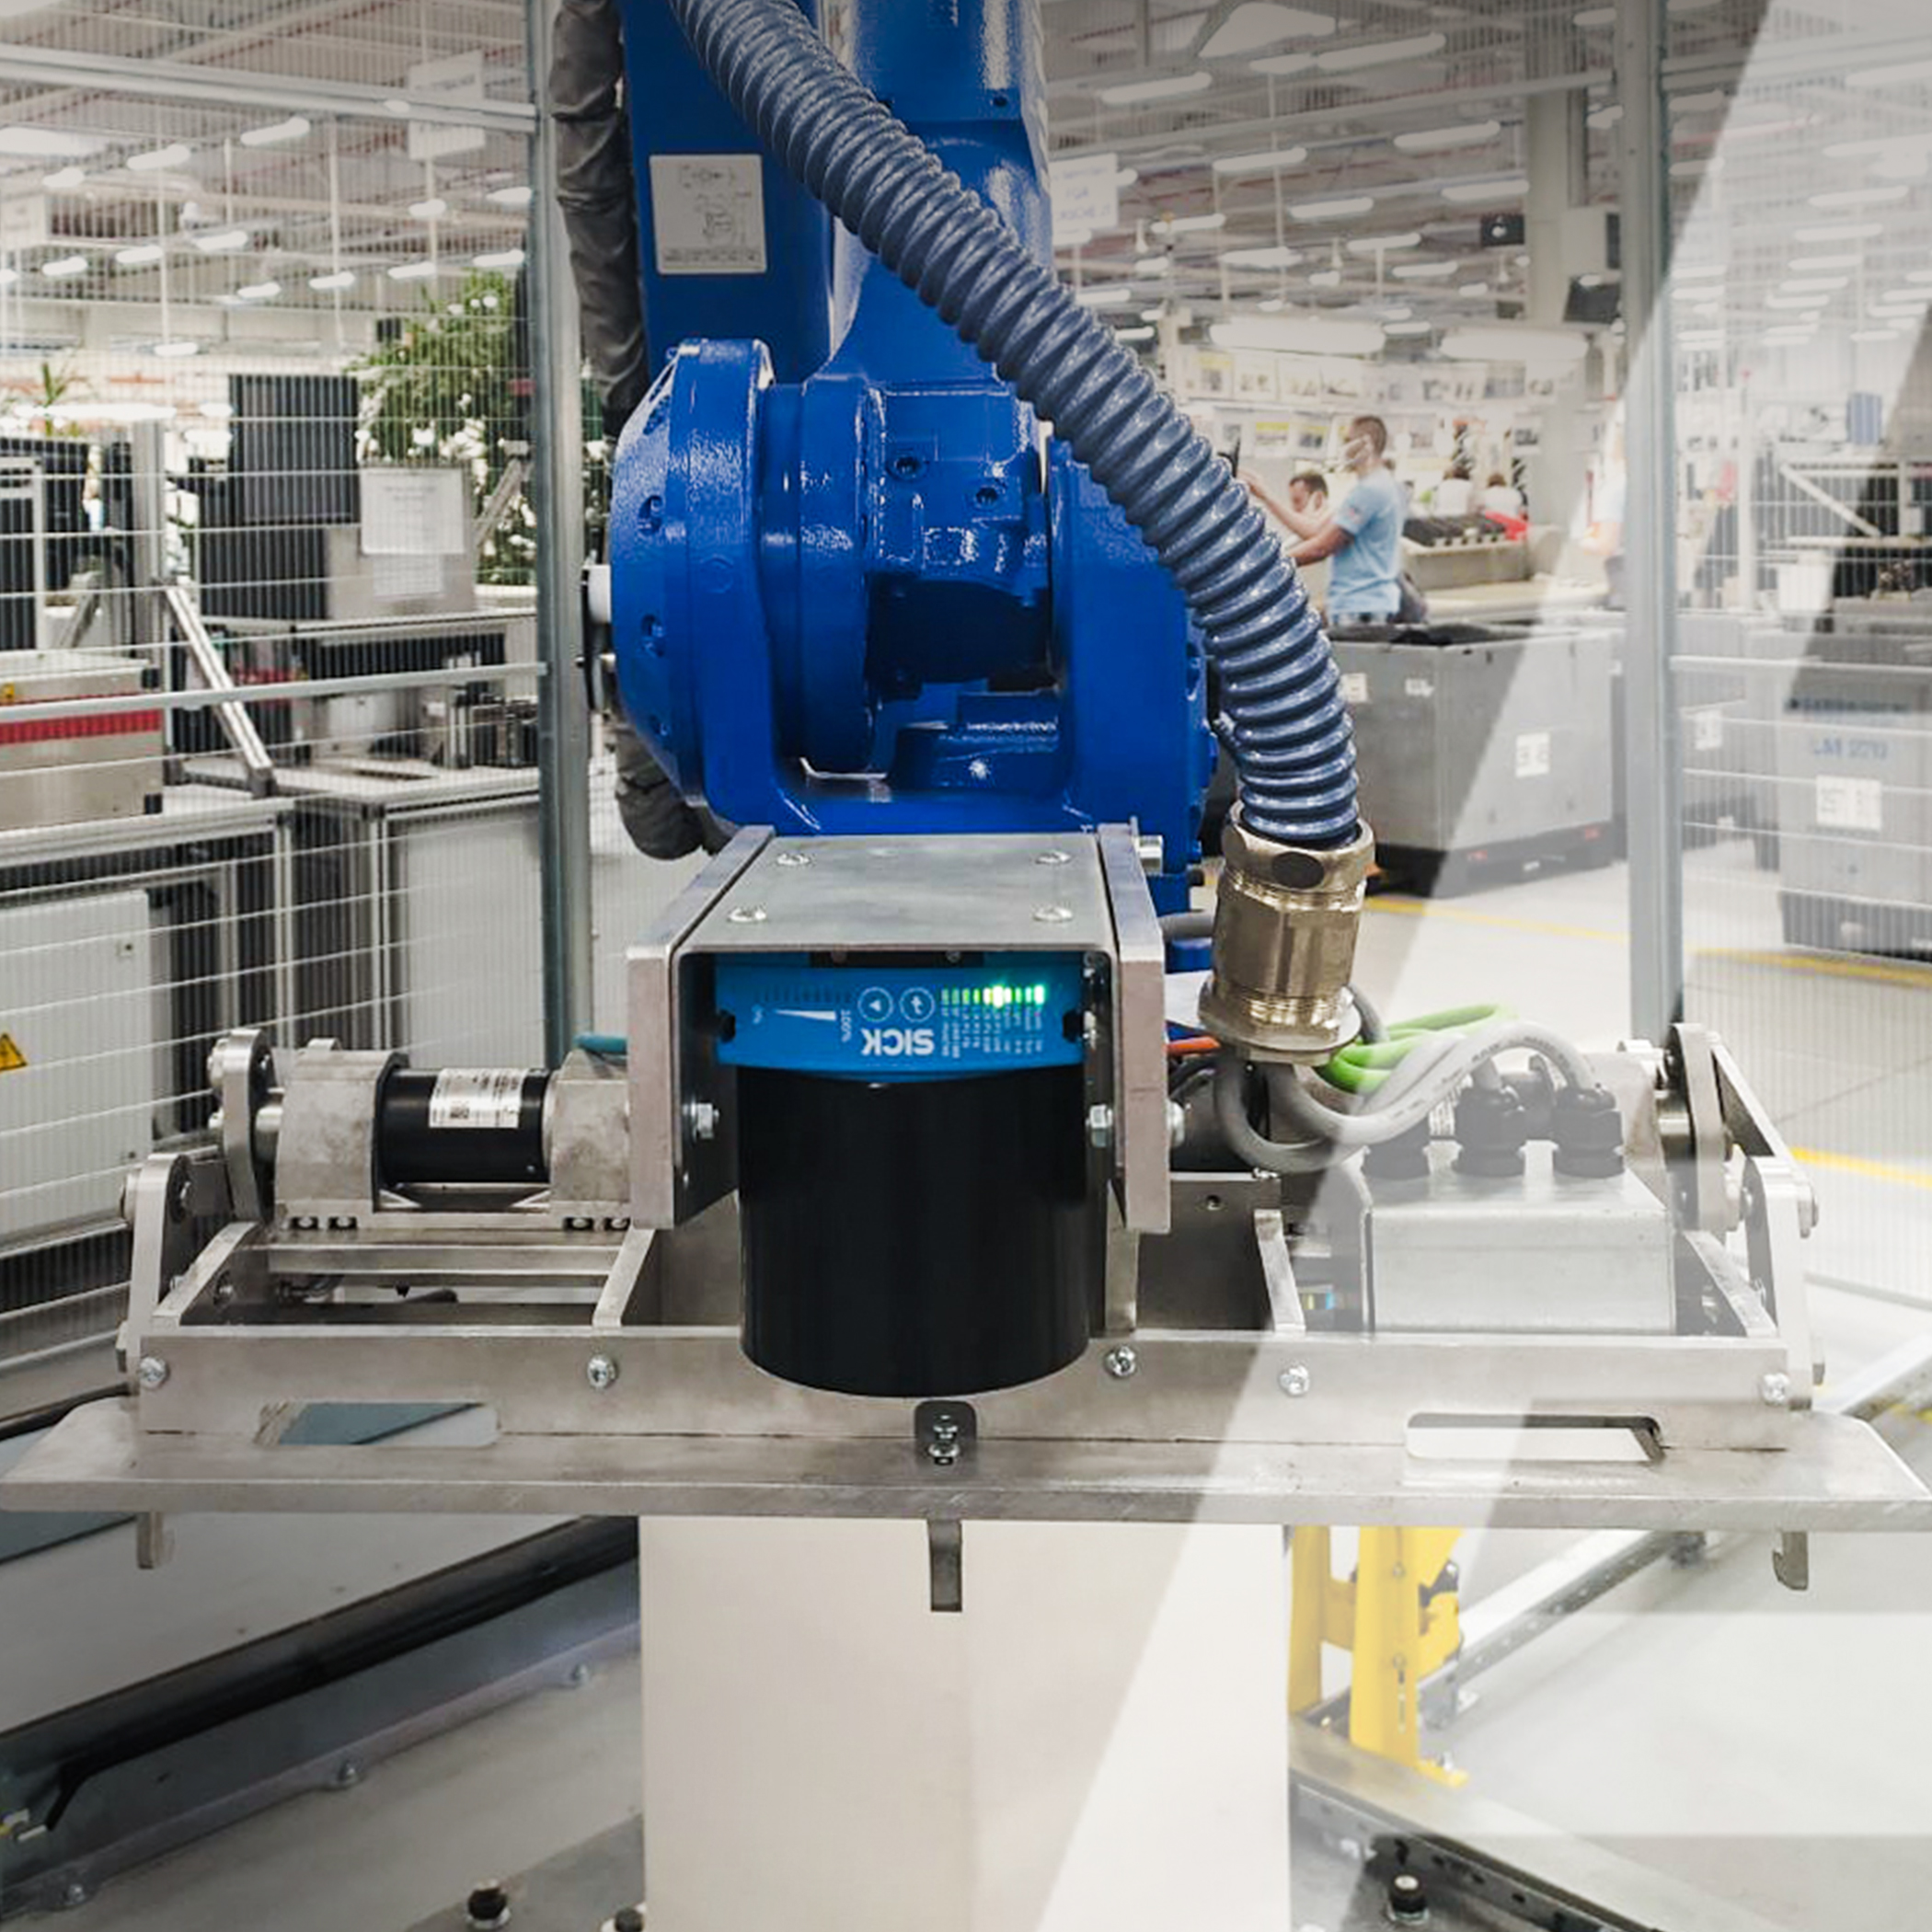 Автоматизированная двухуровневая конвейерная система и робот-манипулятор - 2 - kapelou.com